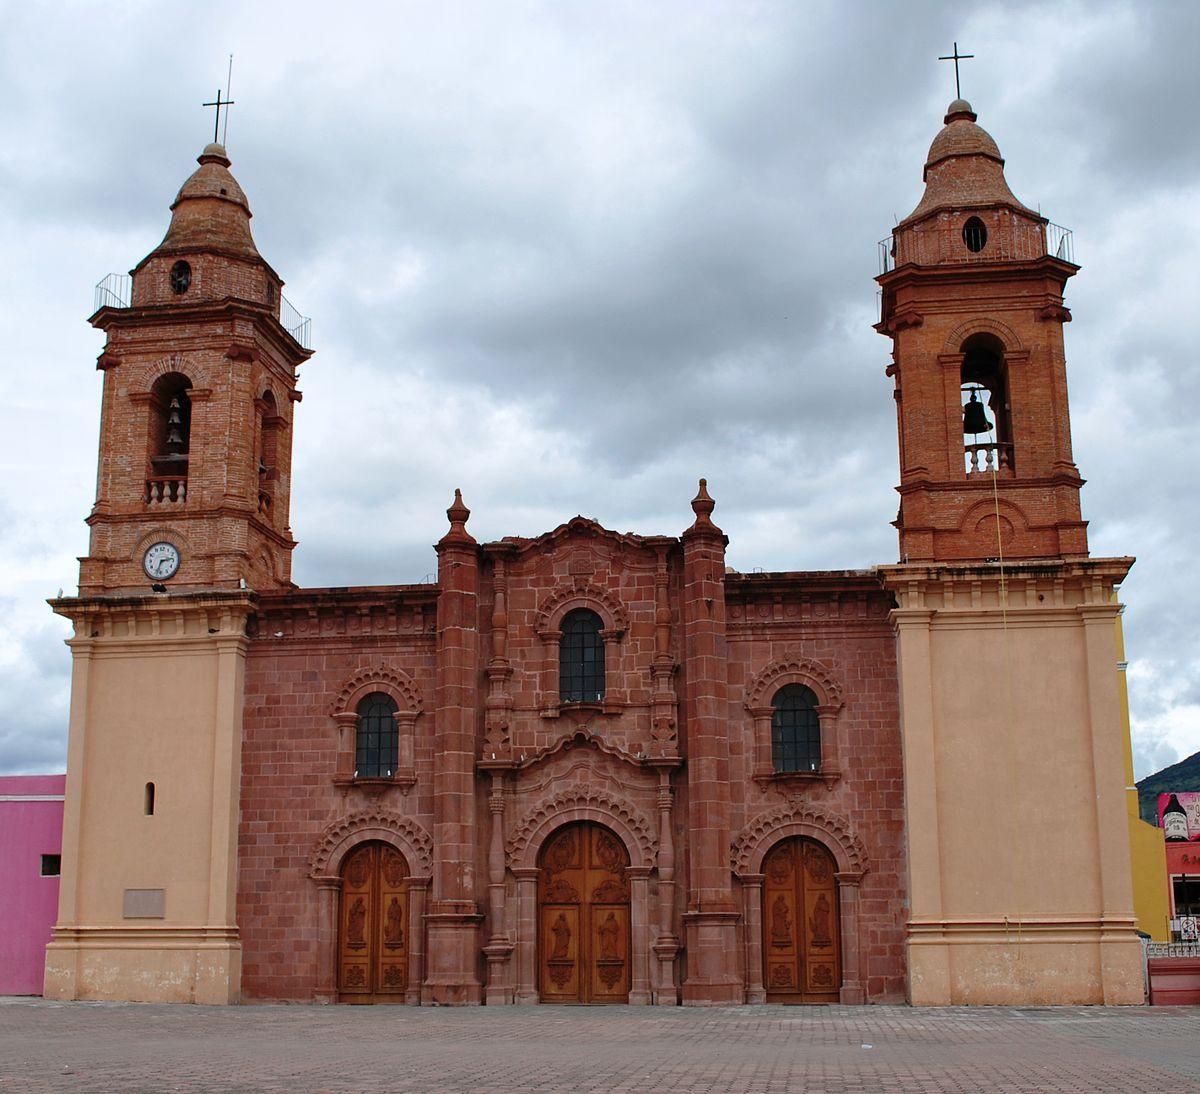 Región mixteca oaxaqueña - Wikipedia, la enciclopedia libre